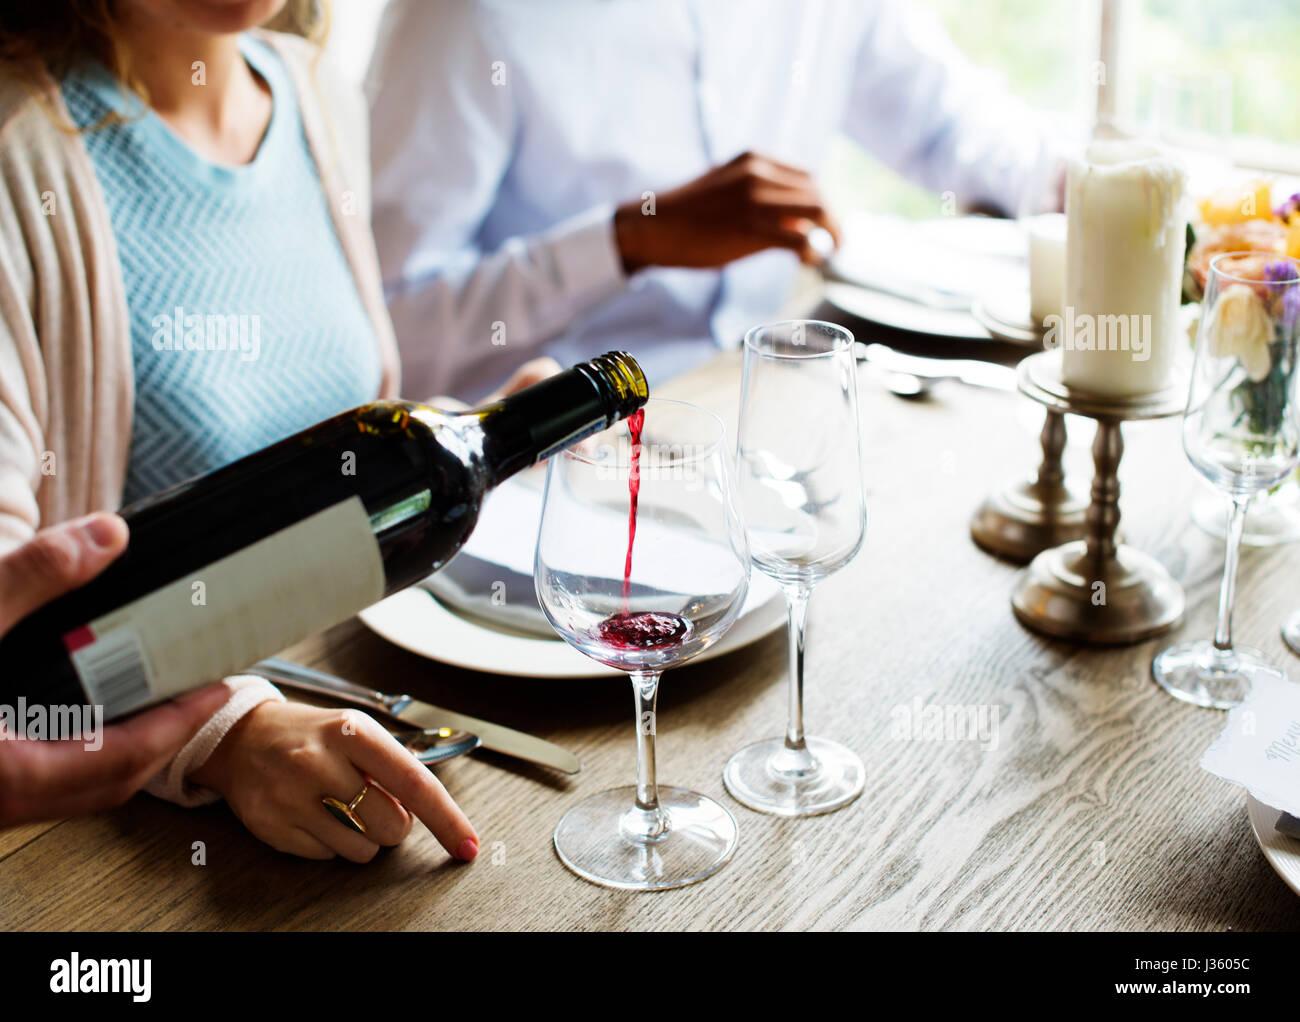 Poring Kellner servieren Rotwein zu Kunden in einem Restaurant Stockbild